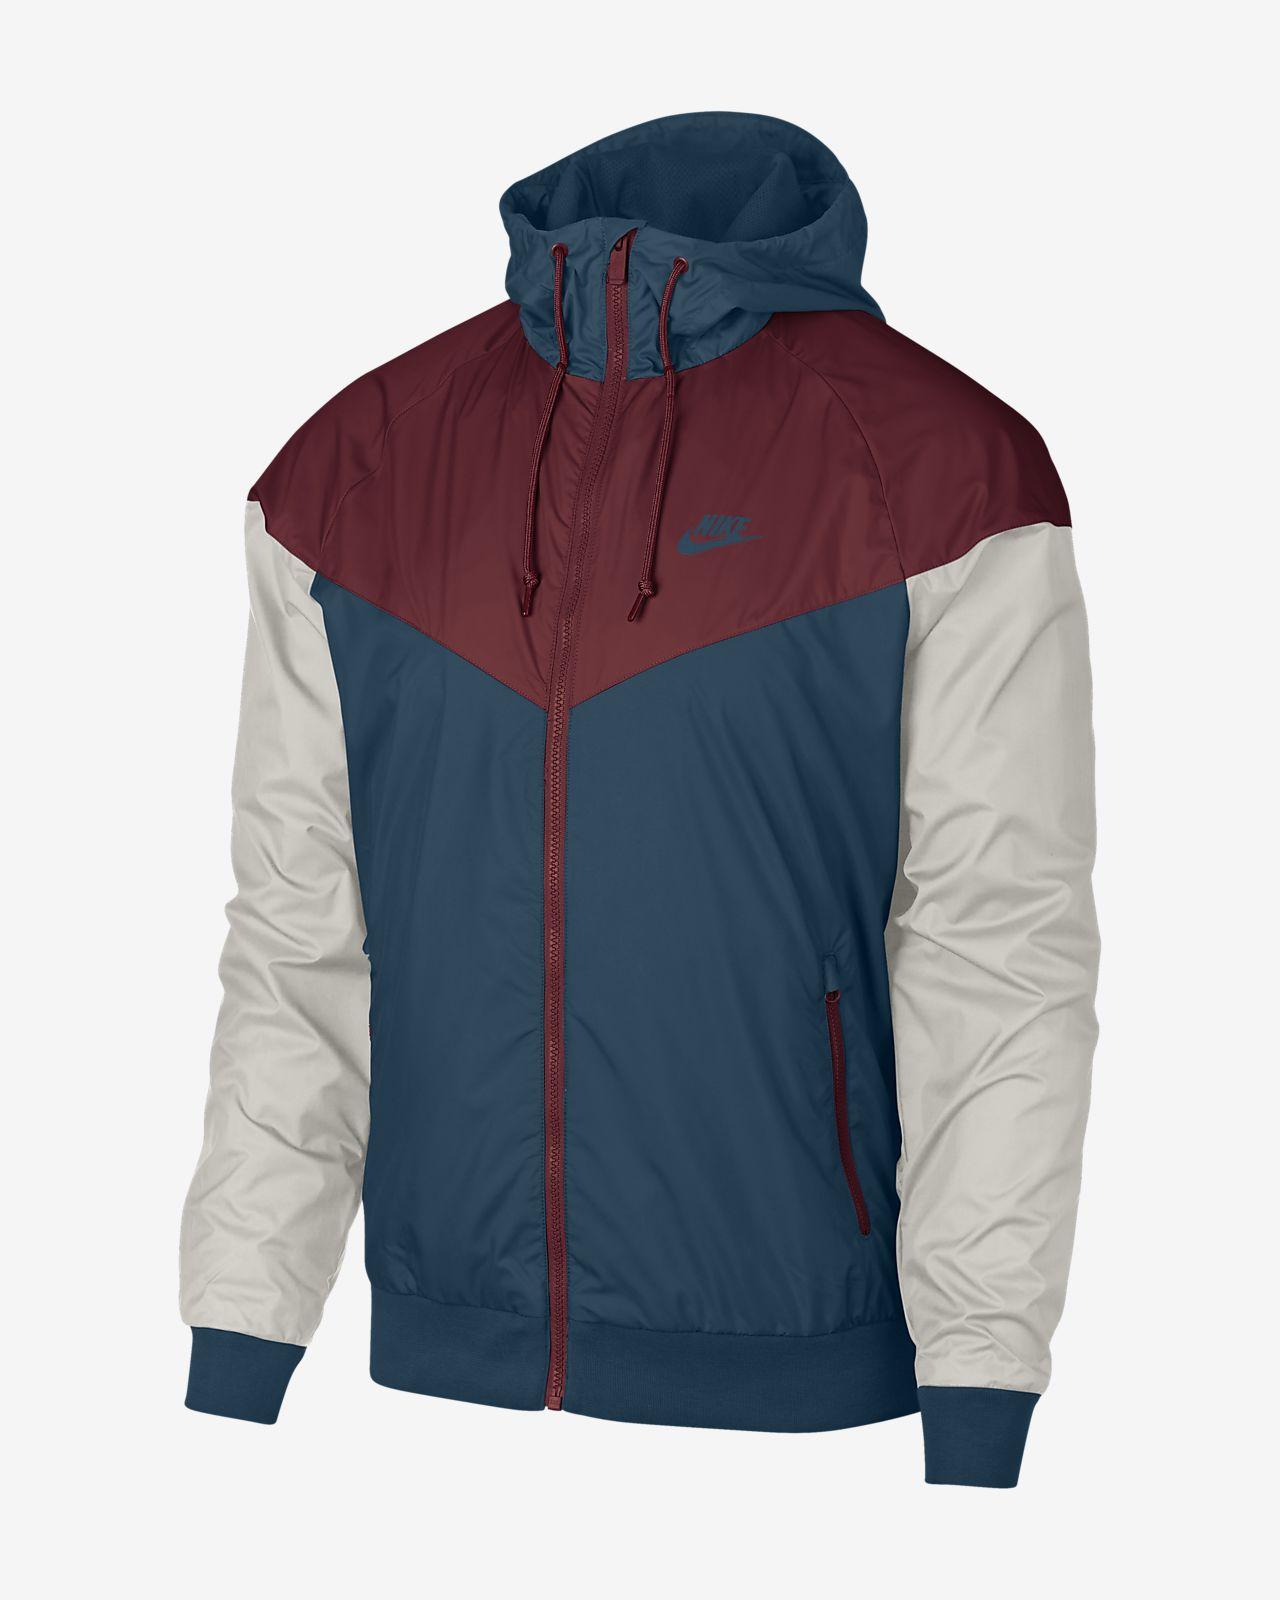 8f00fdcf61 Nike Sportswear Windrunner Men s Jacket. Nike.com MA